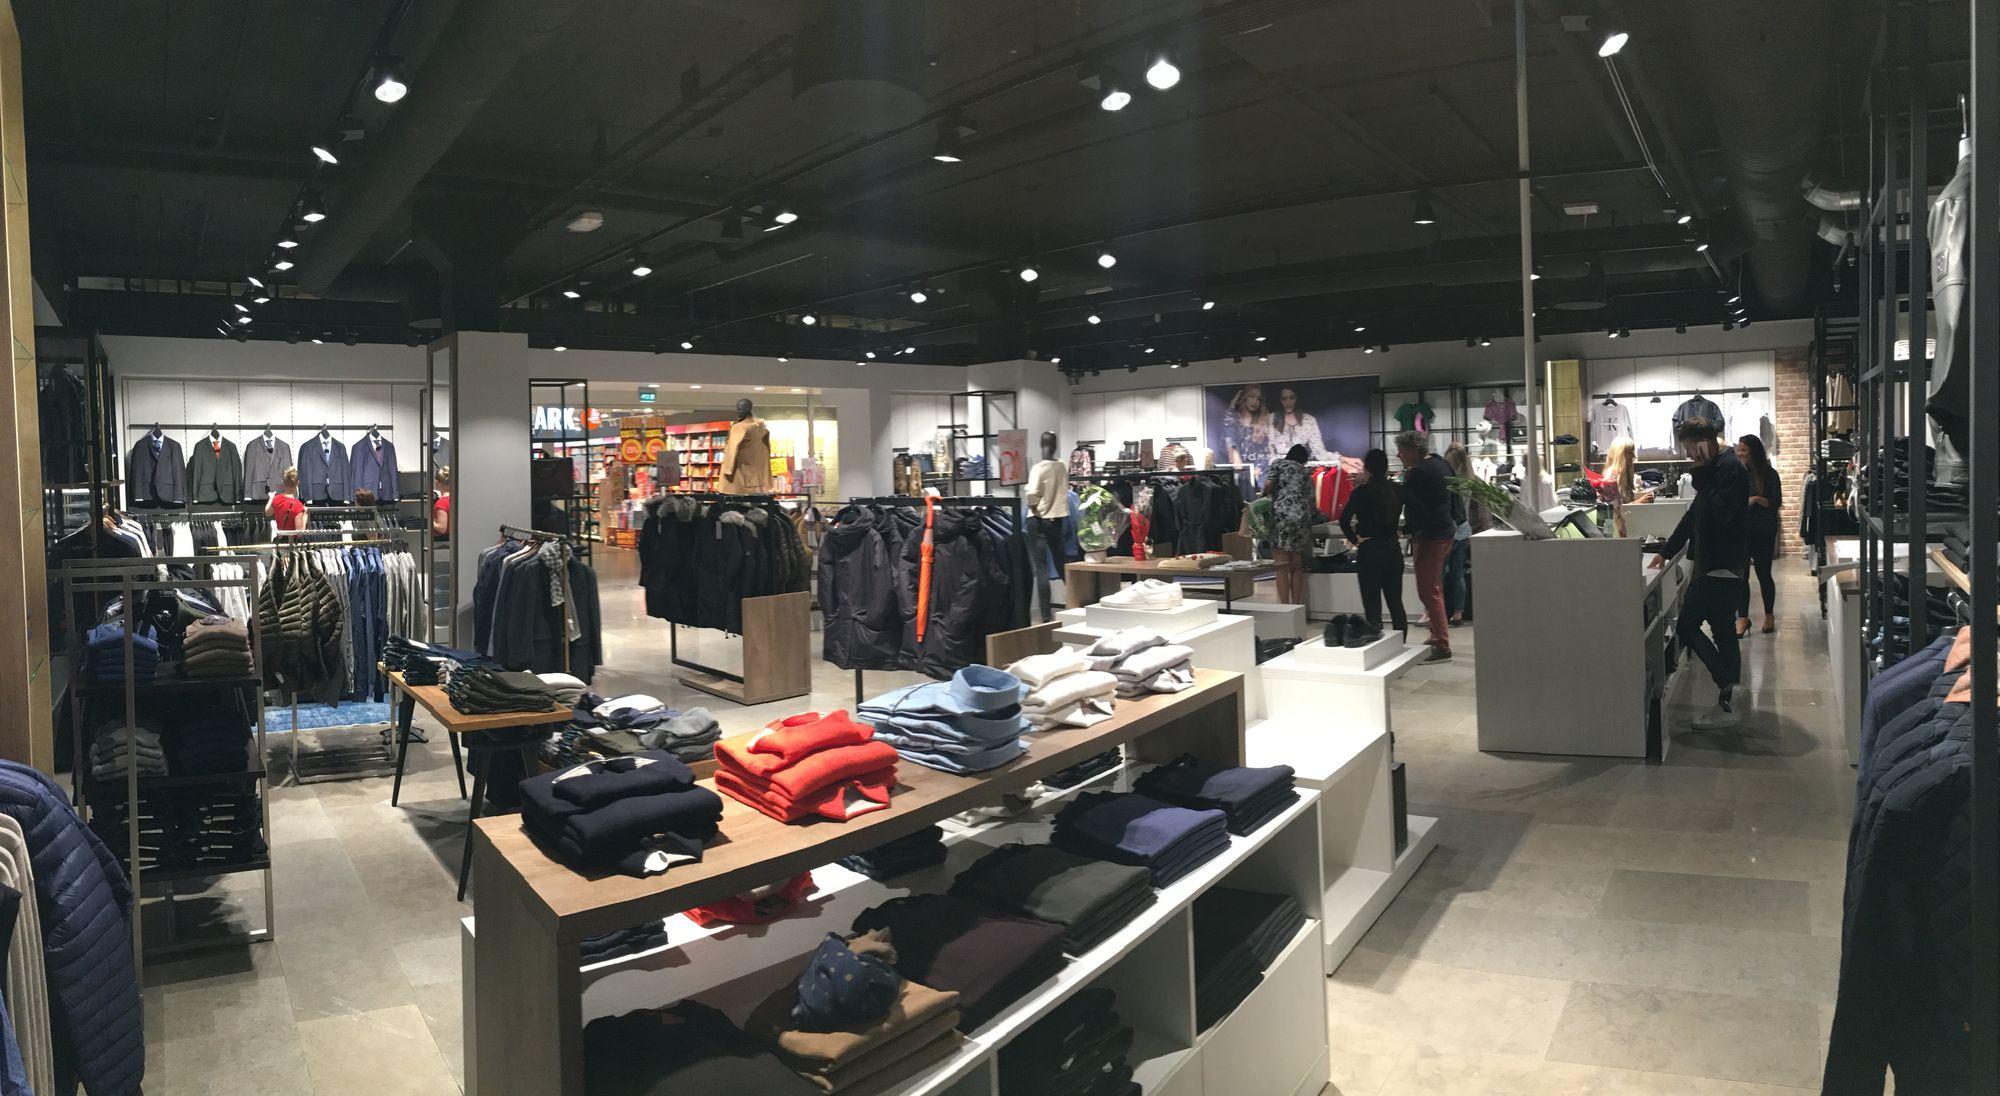 STORT: Den nye butikken er på 265 kvadratmeter.